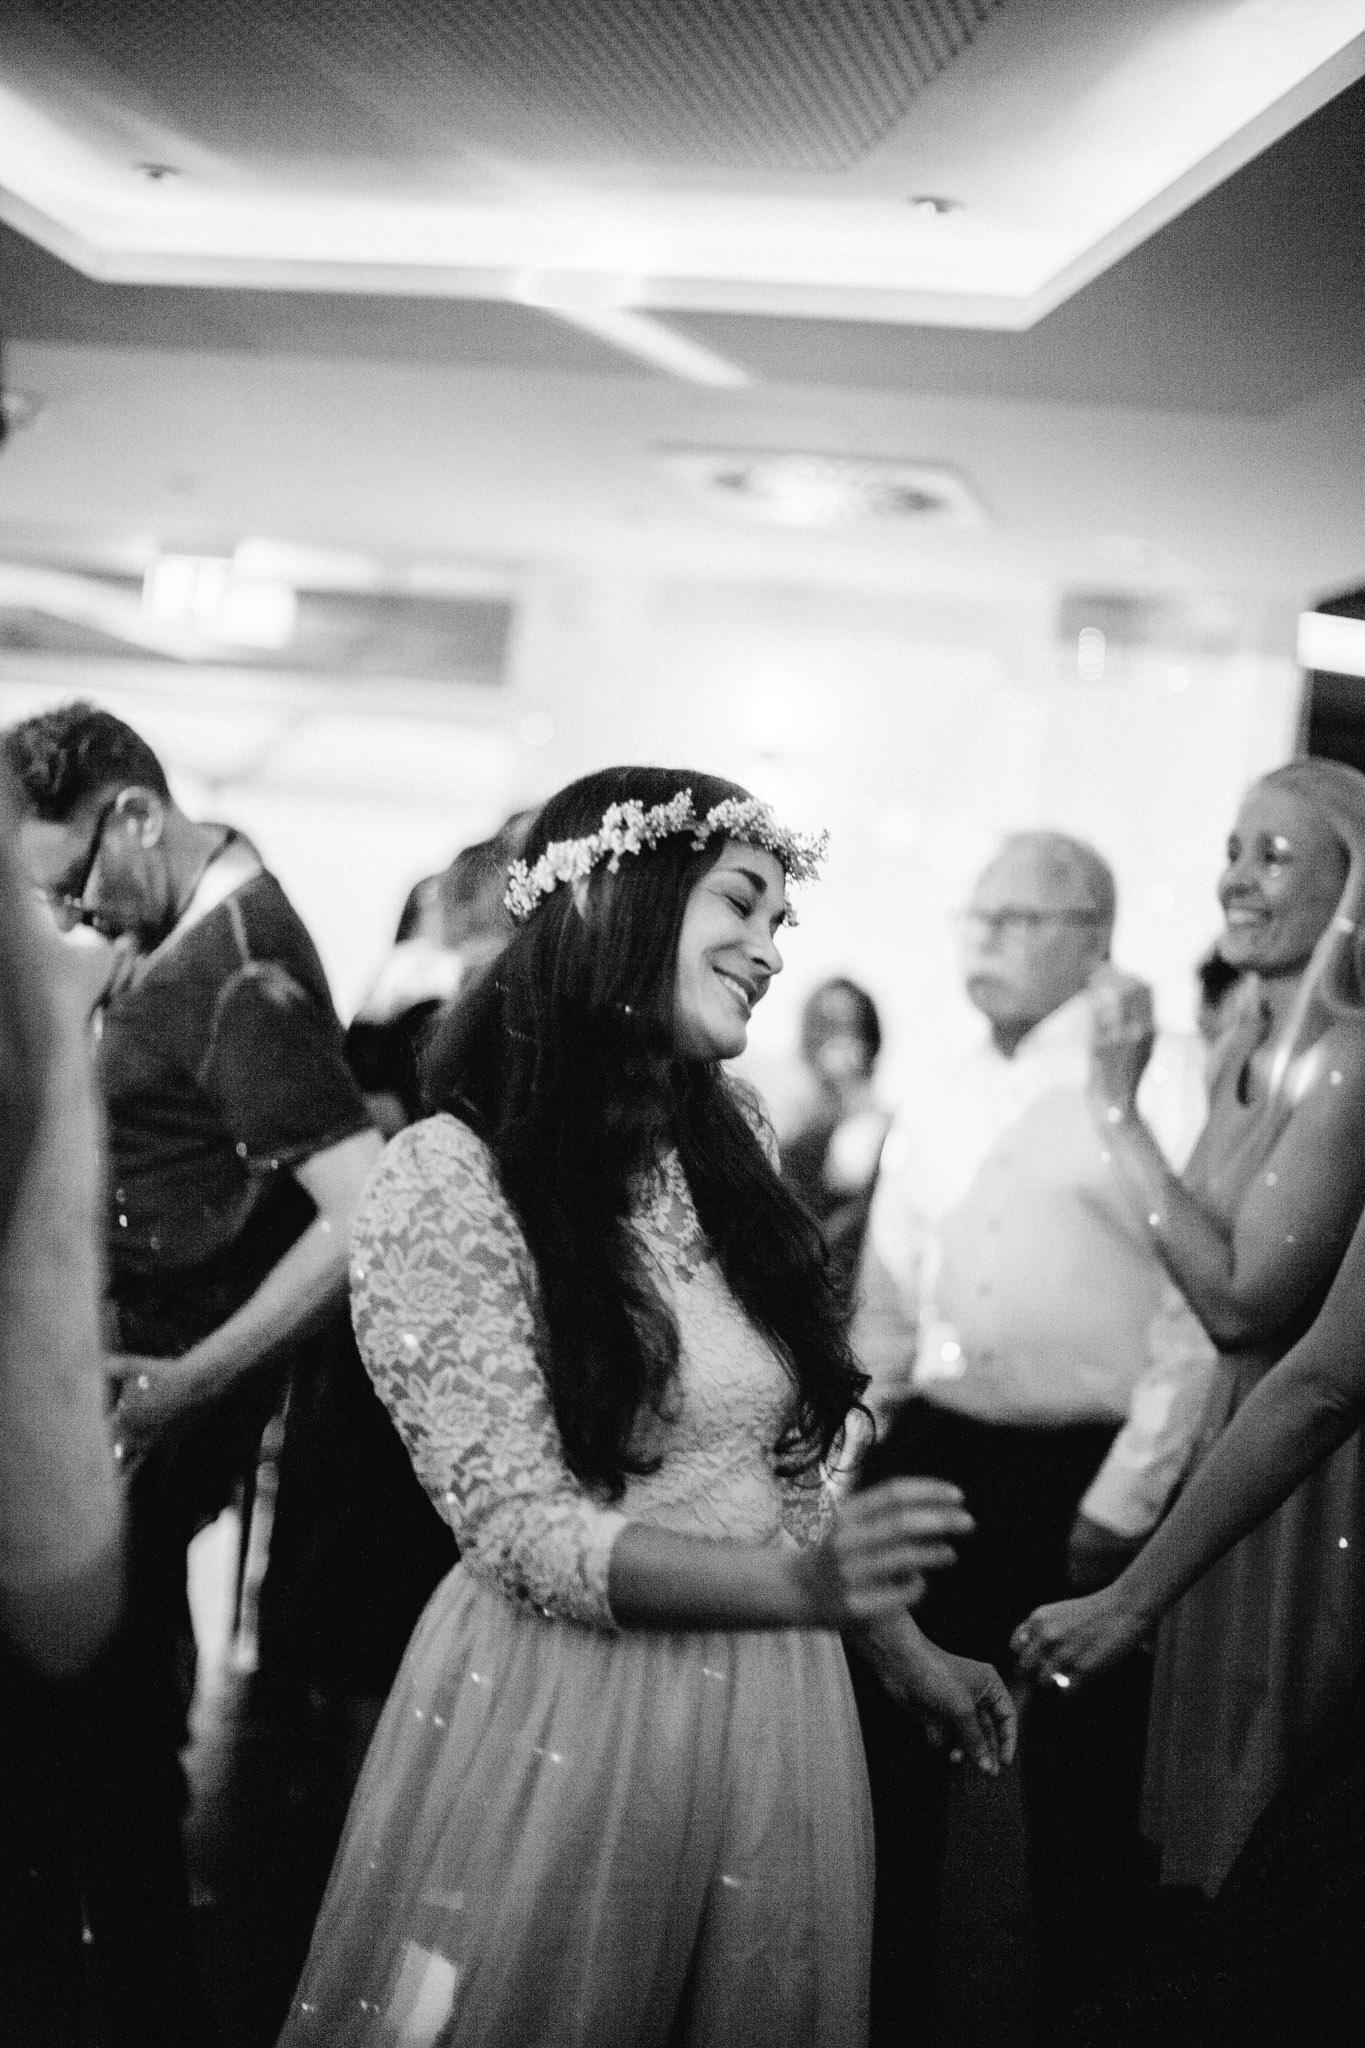 Nordhausen-Harz-Hochzeit-Pia-Anna-Christian-Wedding-Photography-LM-88.jpg